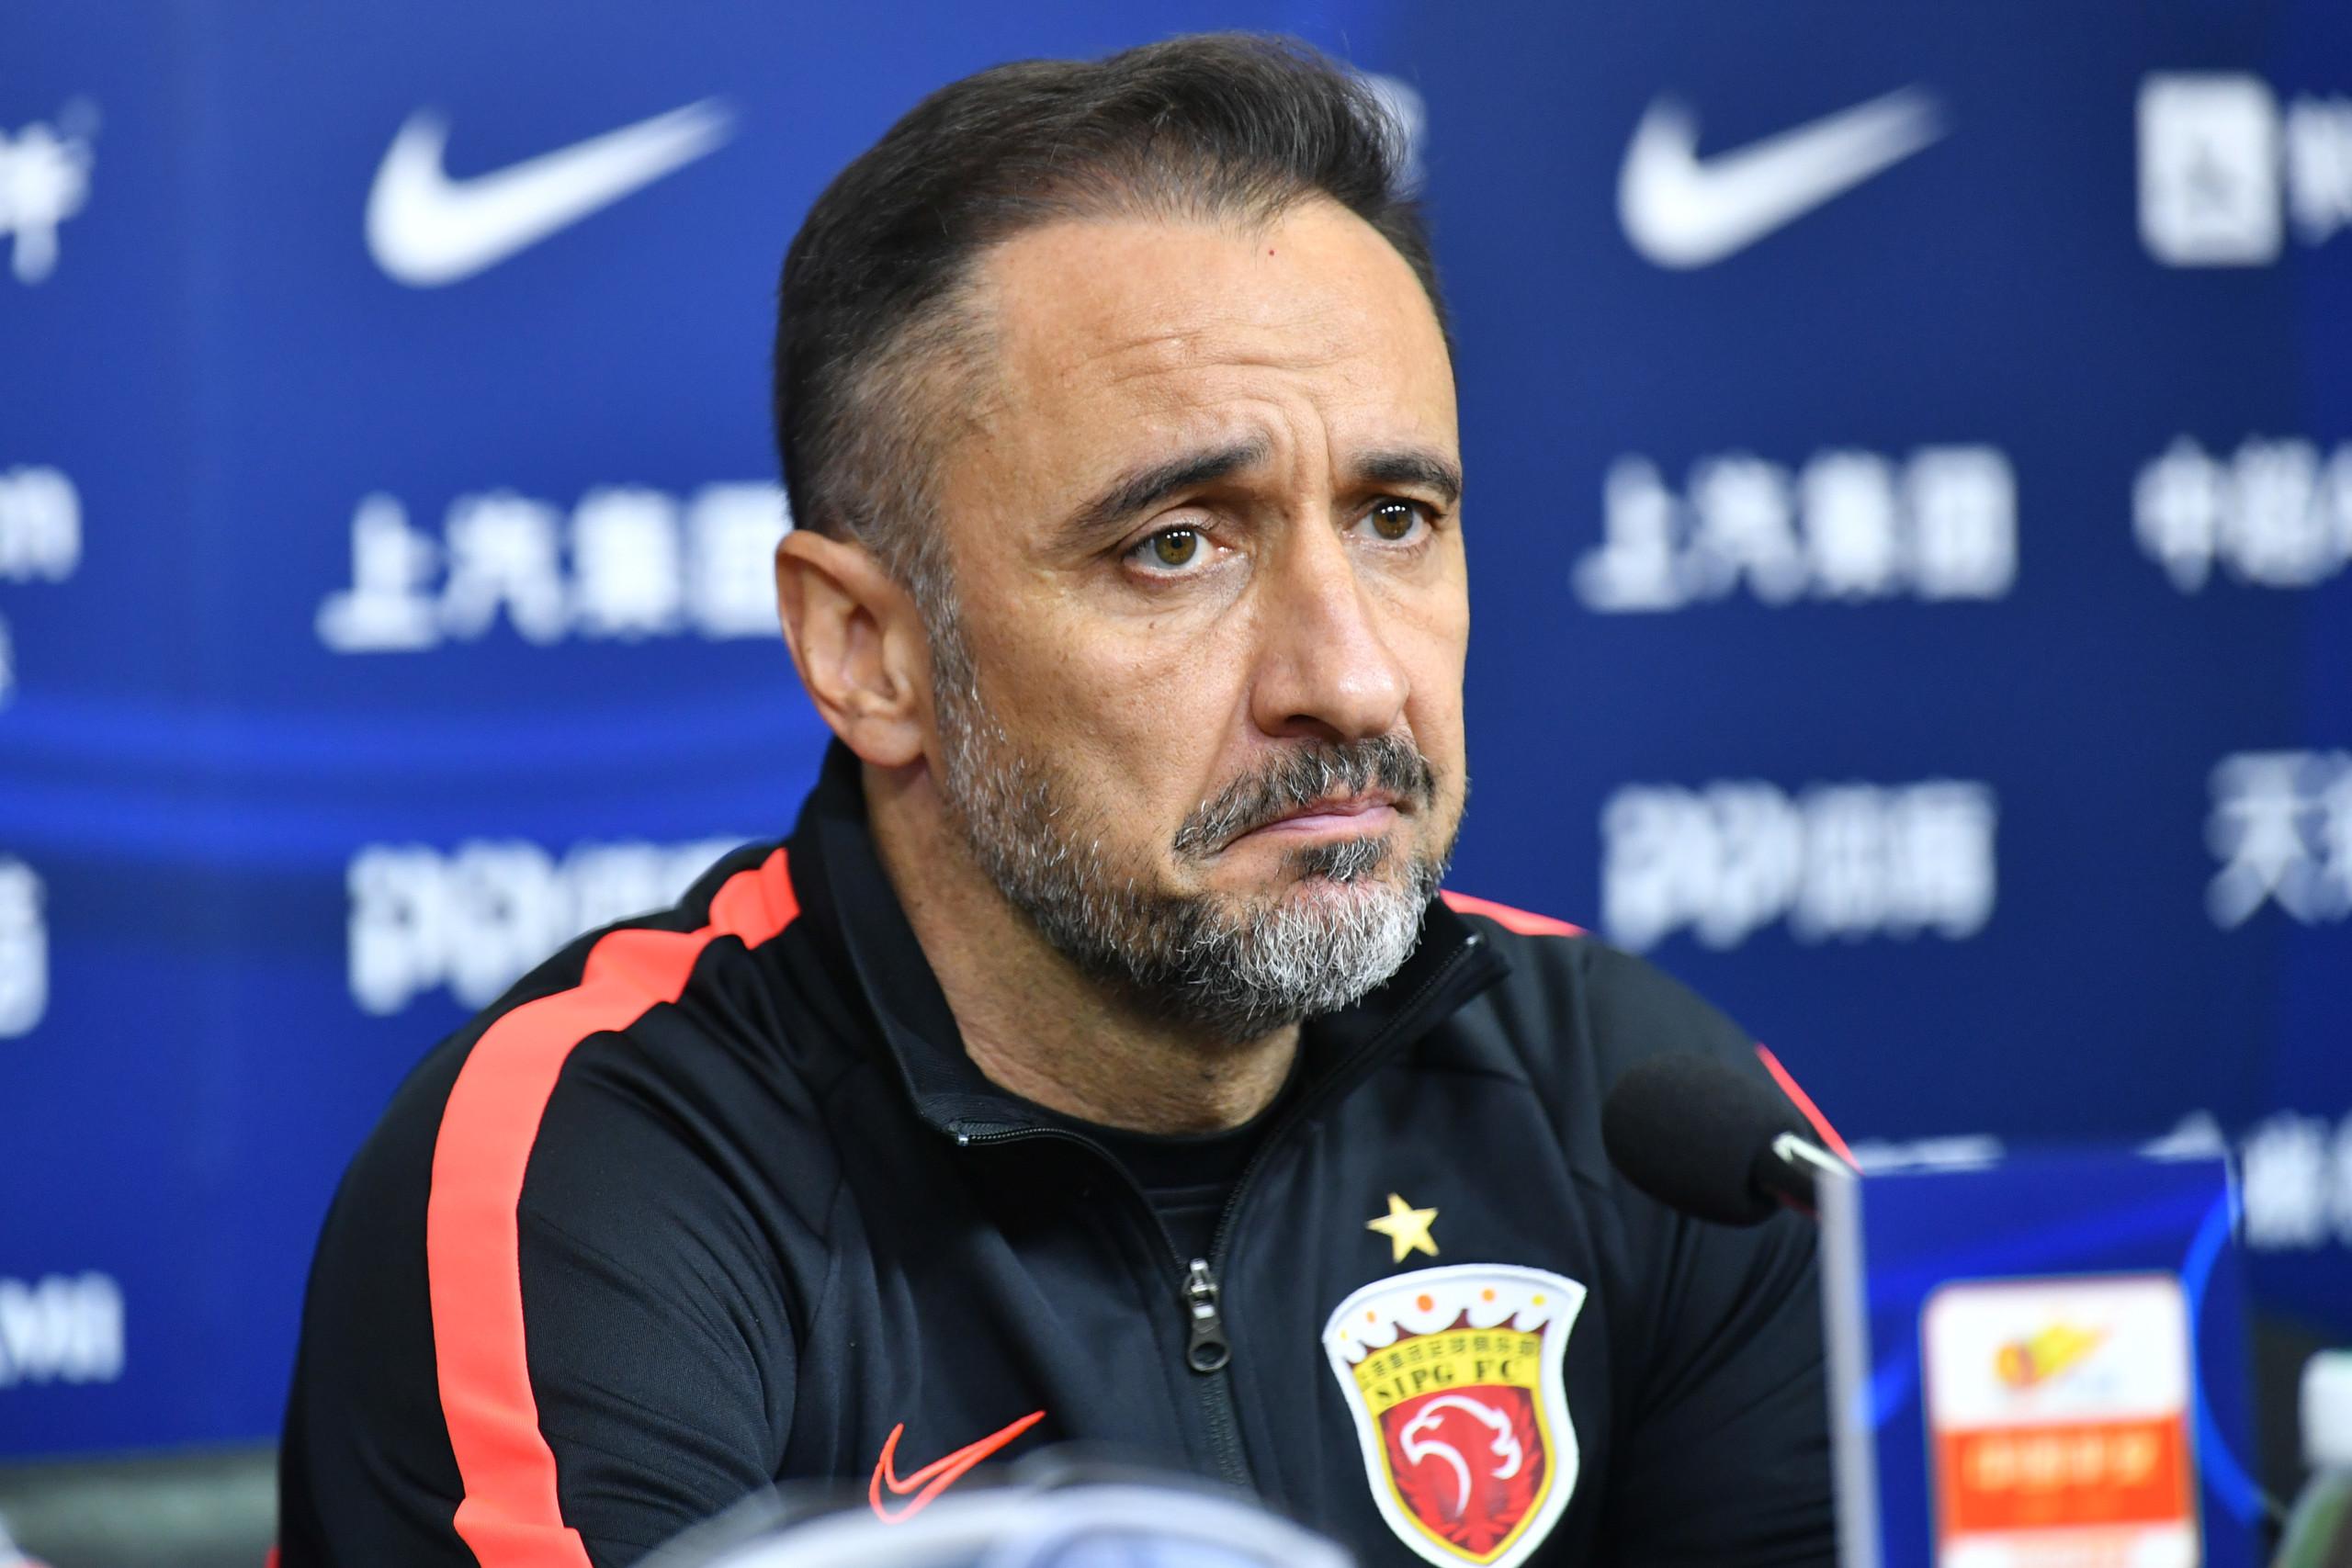 佩雷拉:队伍有问题是教练的责任,某些球员未达预期